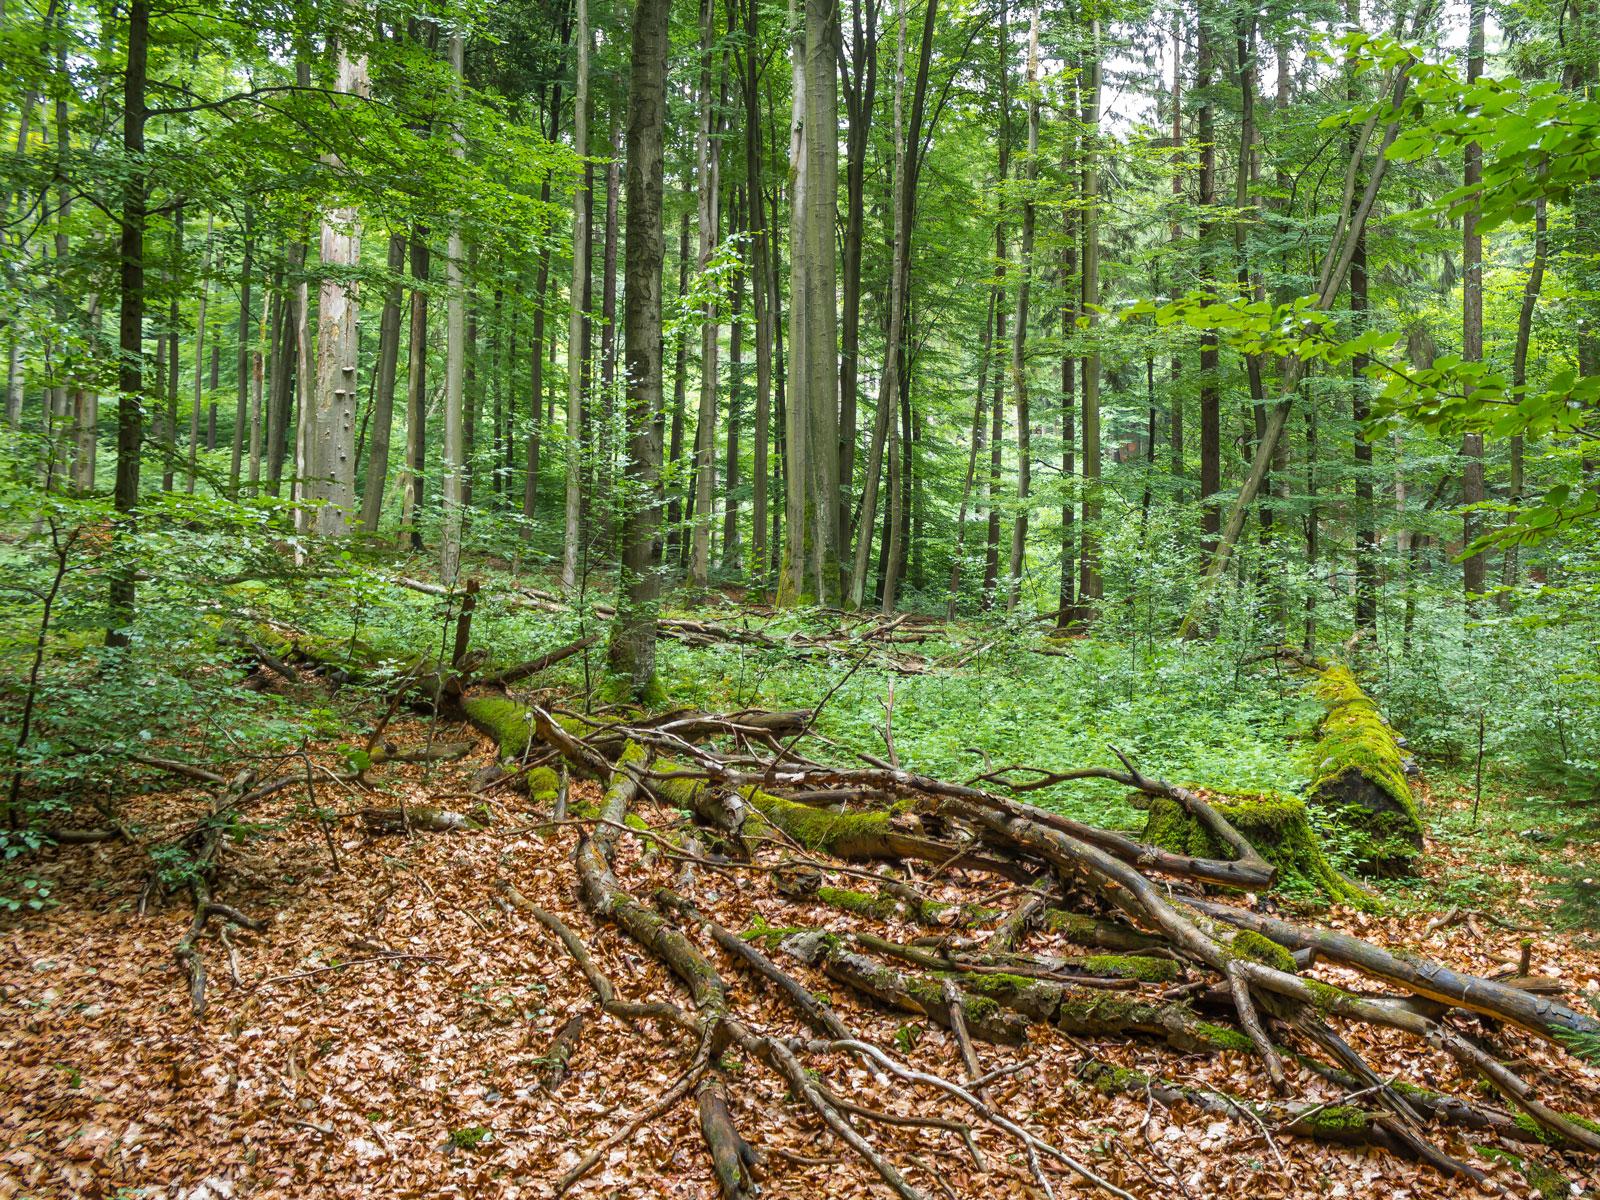 uralte liegende Biotopbäume